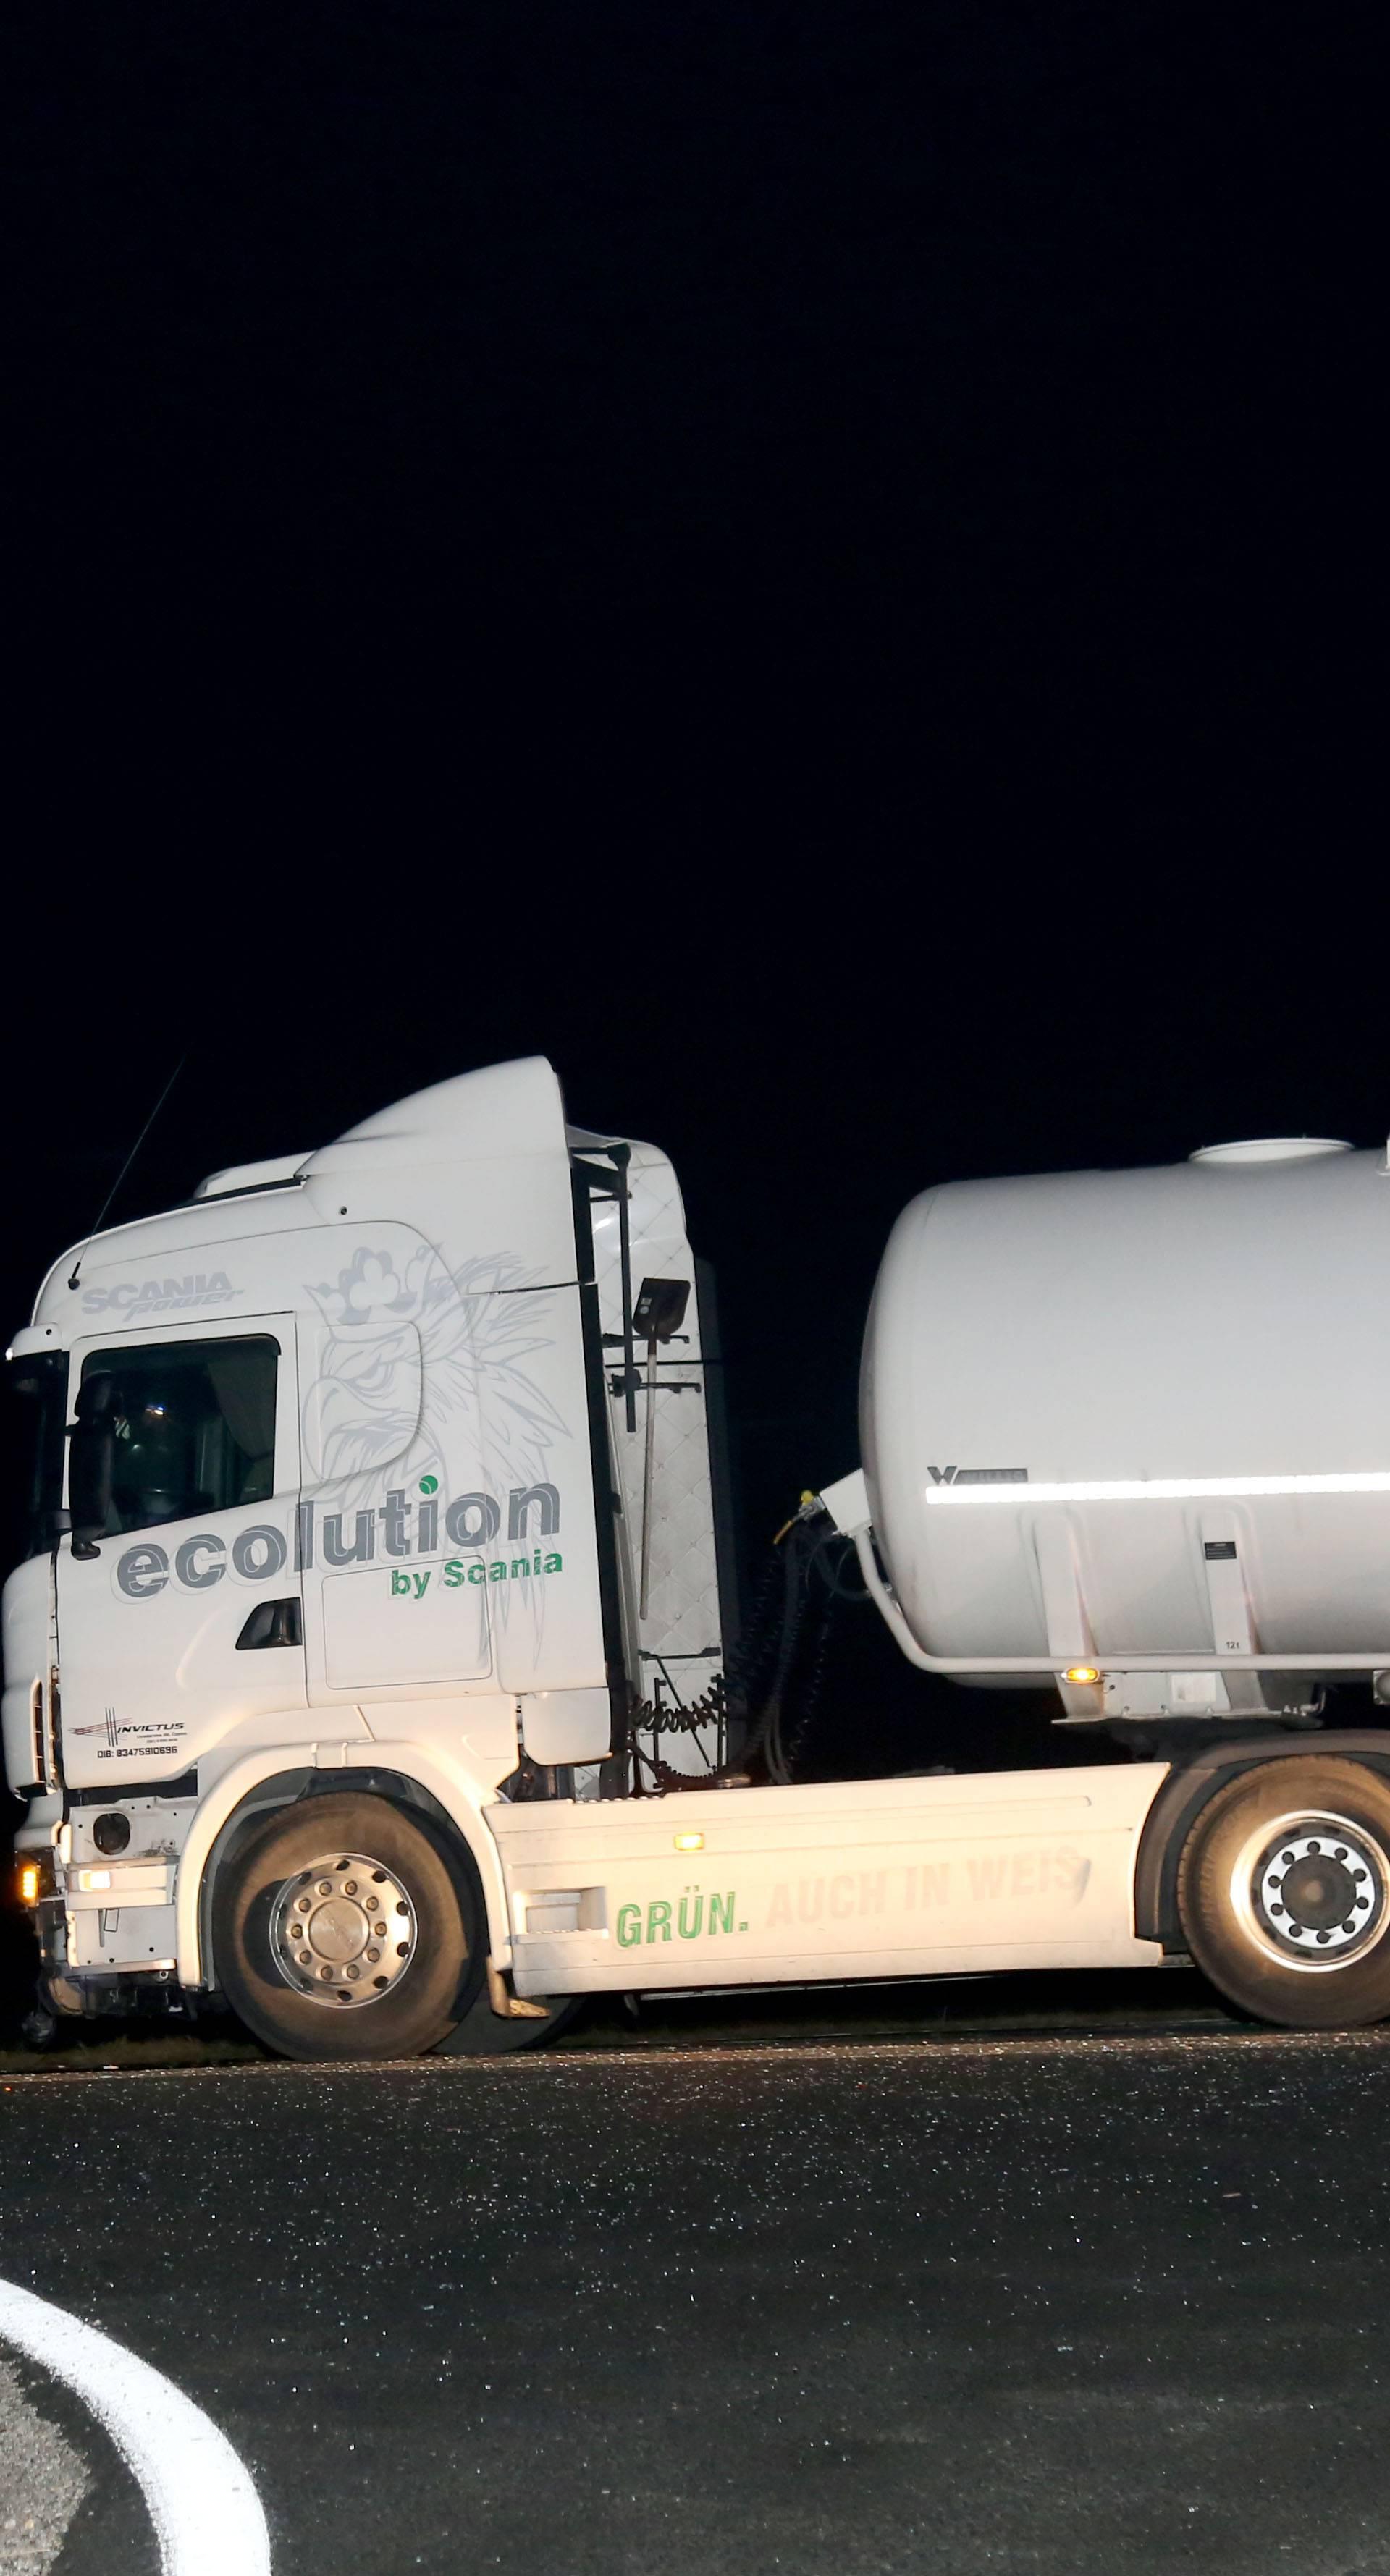 Sudar auta i teretnog vozila u Međimurju: Dvoje ljudi poginulo